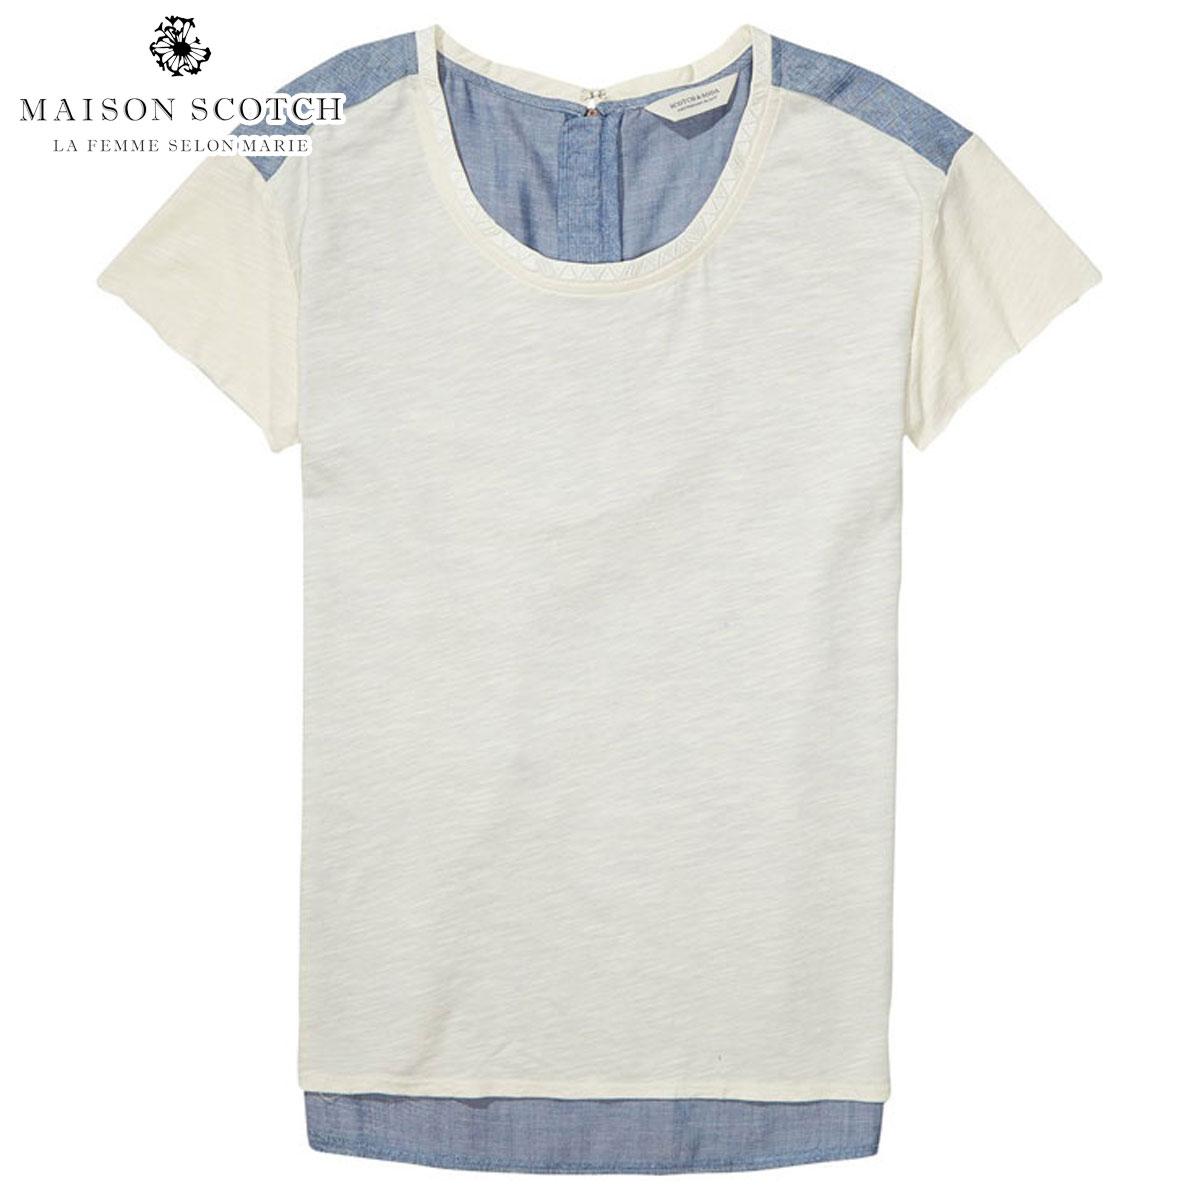 メゾンスコッチ MAISON SCOTCH 正規販売店 レディース 半袖Tシャツ T-SHIRT WITH WOVEN BACK 134871 17 COMBO A